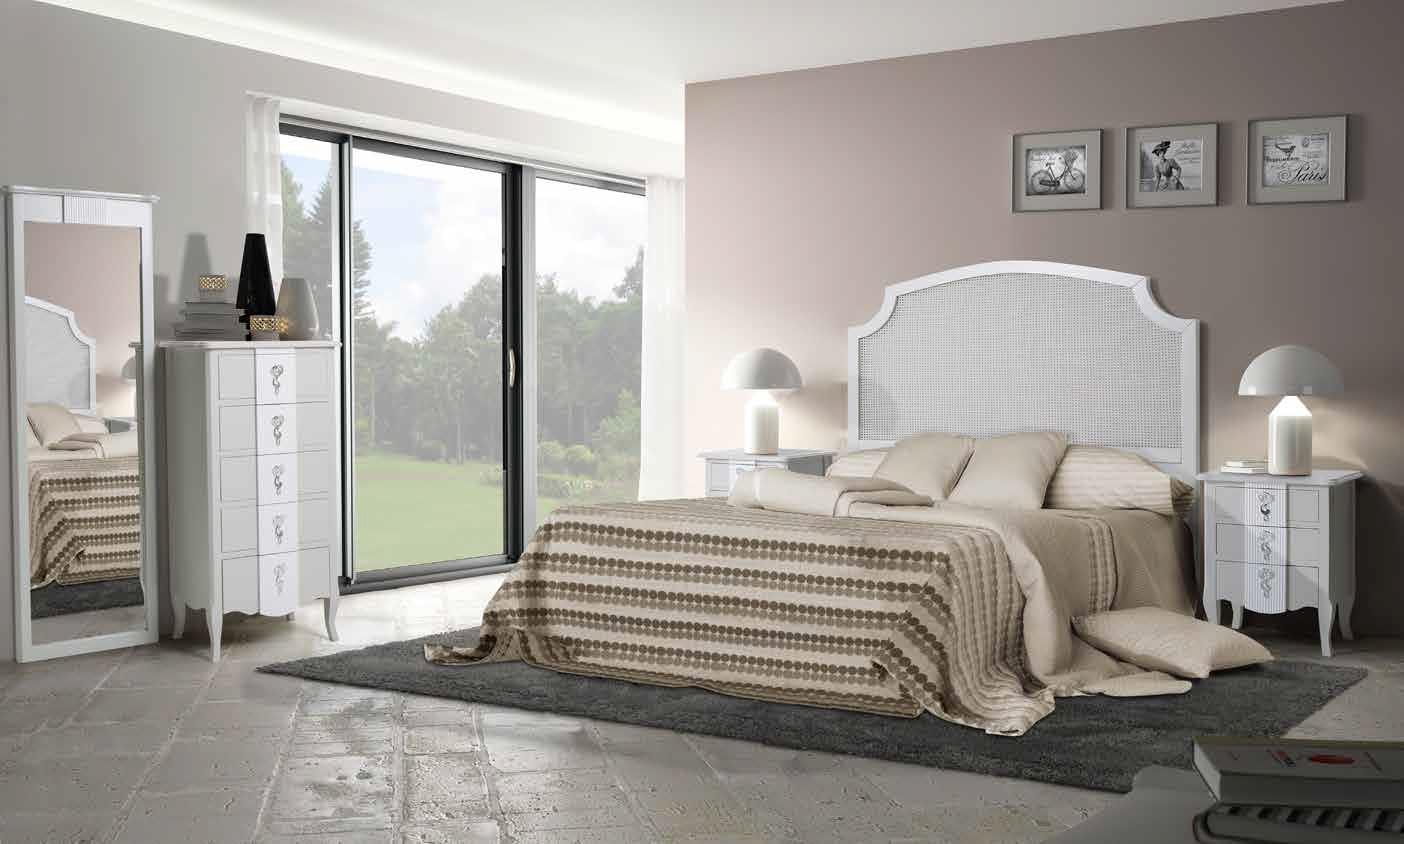 Dormitorio Clásico Favola A Dormitorio Vintage con Cabecero de Rejilla. Muebles Díaz